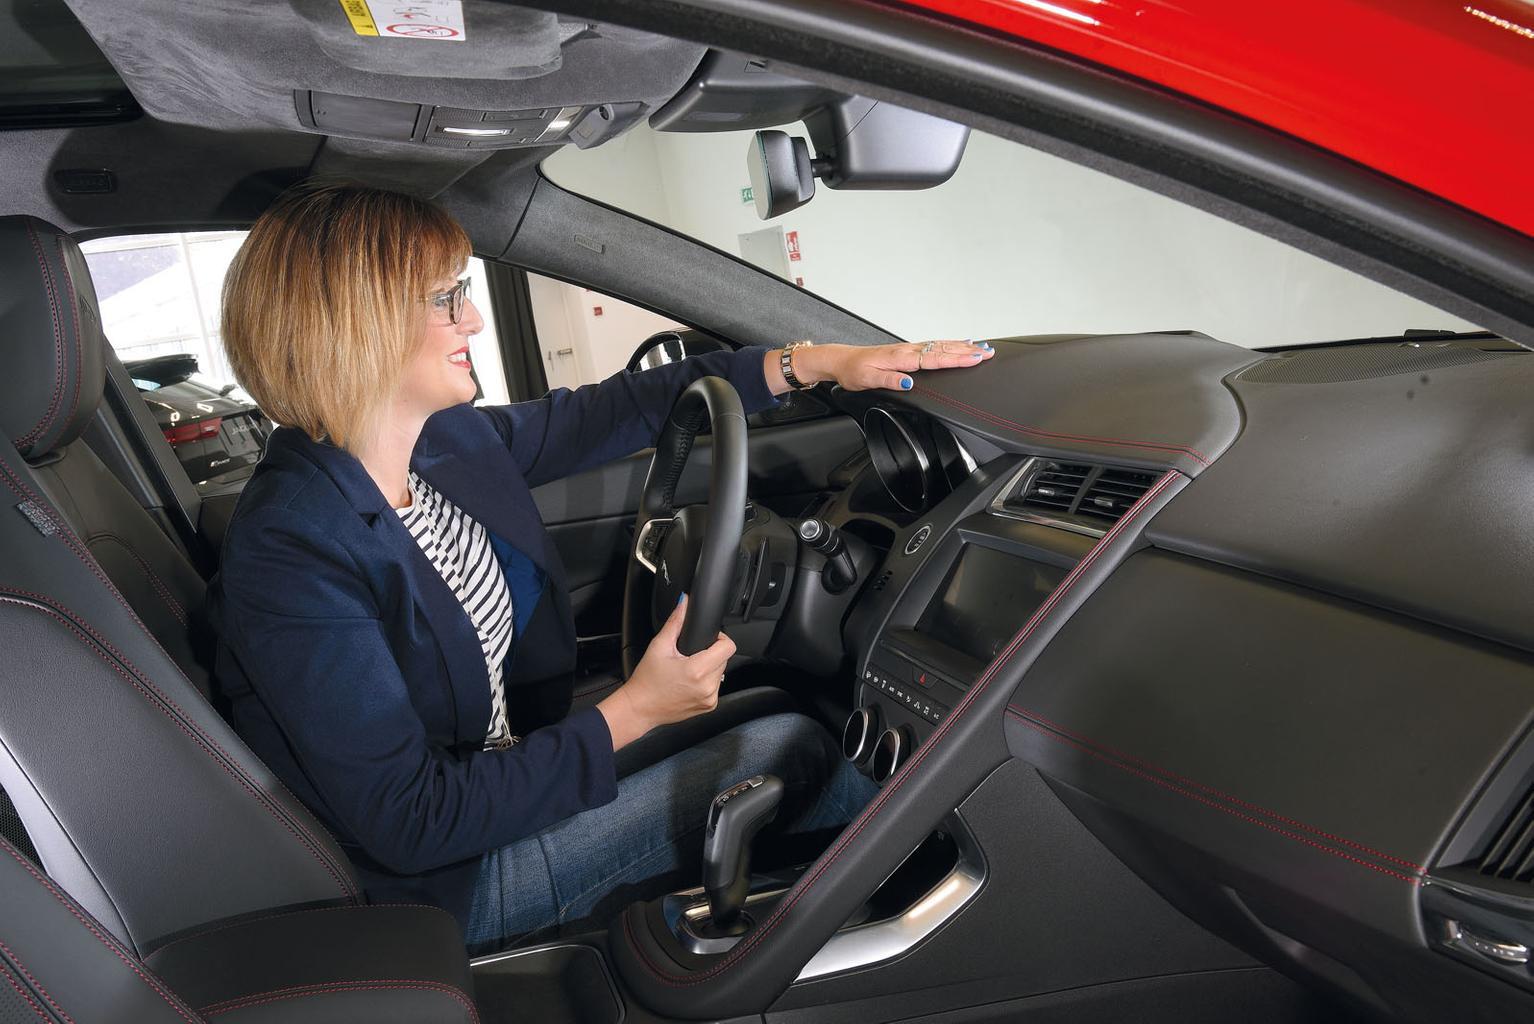 2018 Jaguar E-Pace reader test team review